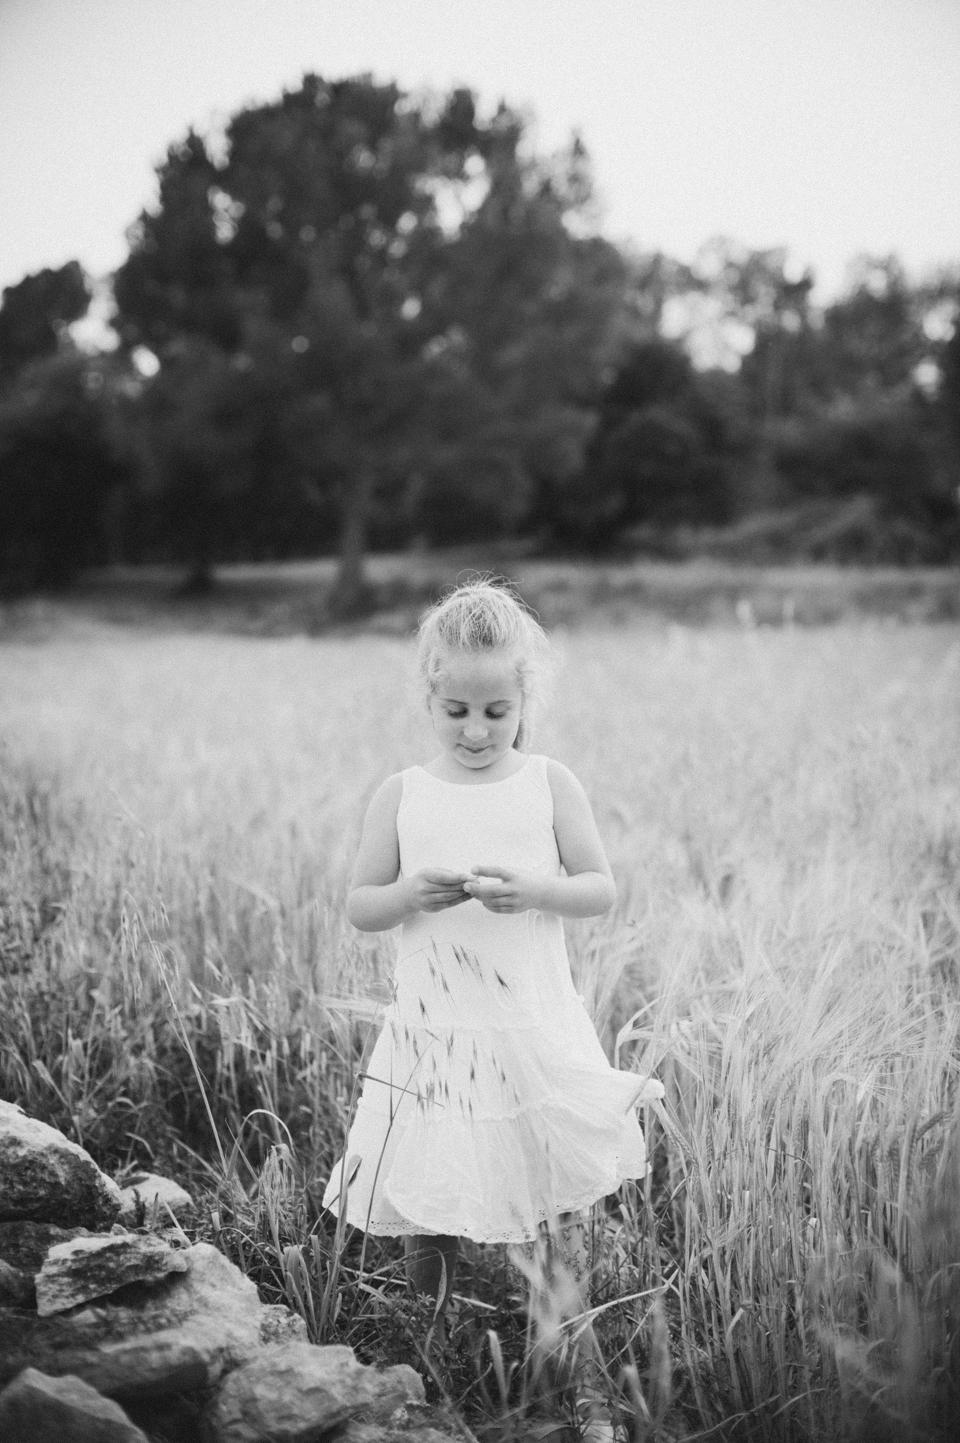 BabyBoom-fotografia-infantil-9739